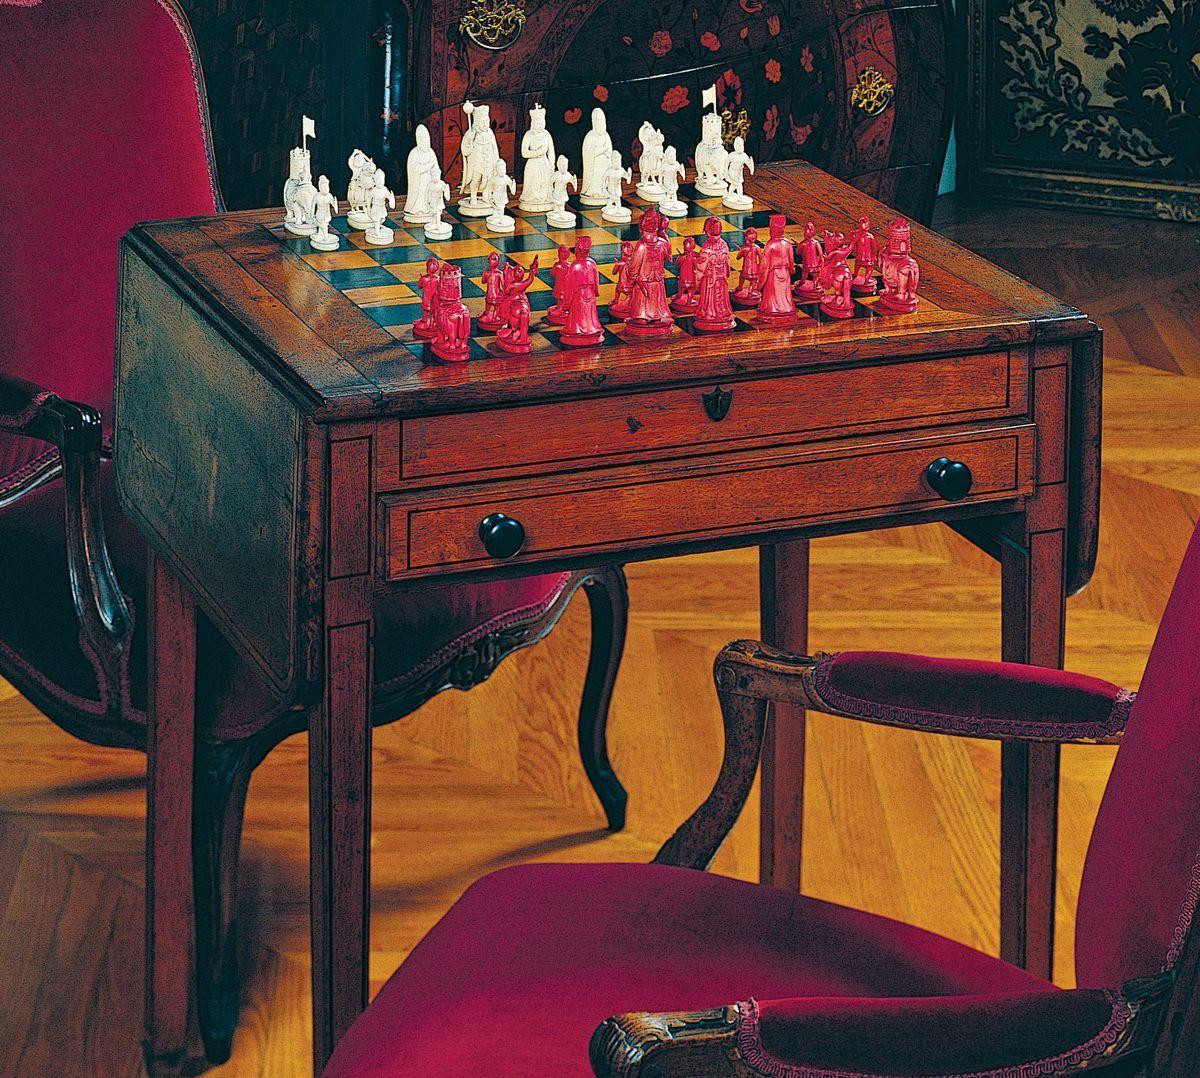 The Emperor S Chess Set Biltmore Biltmore House Biltmore Estate Biltmore